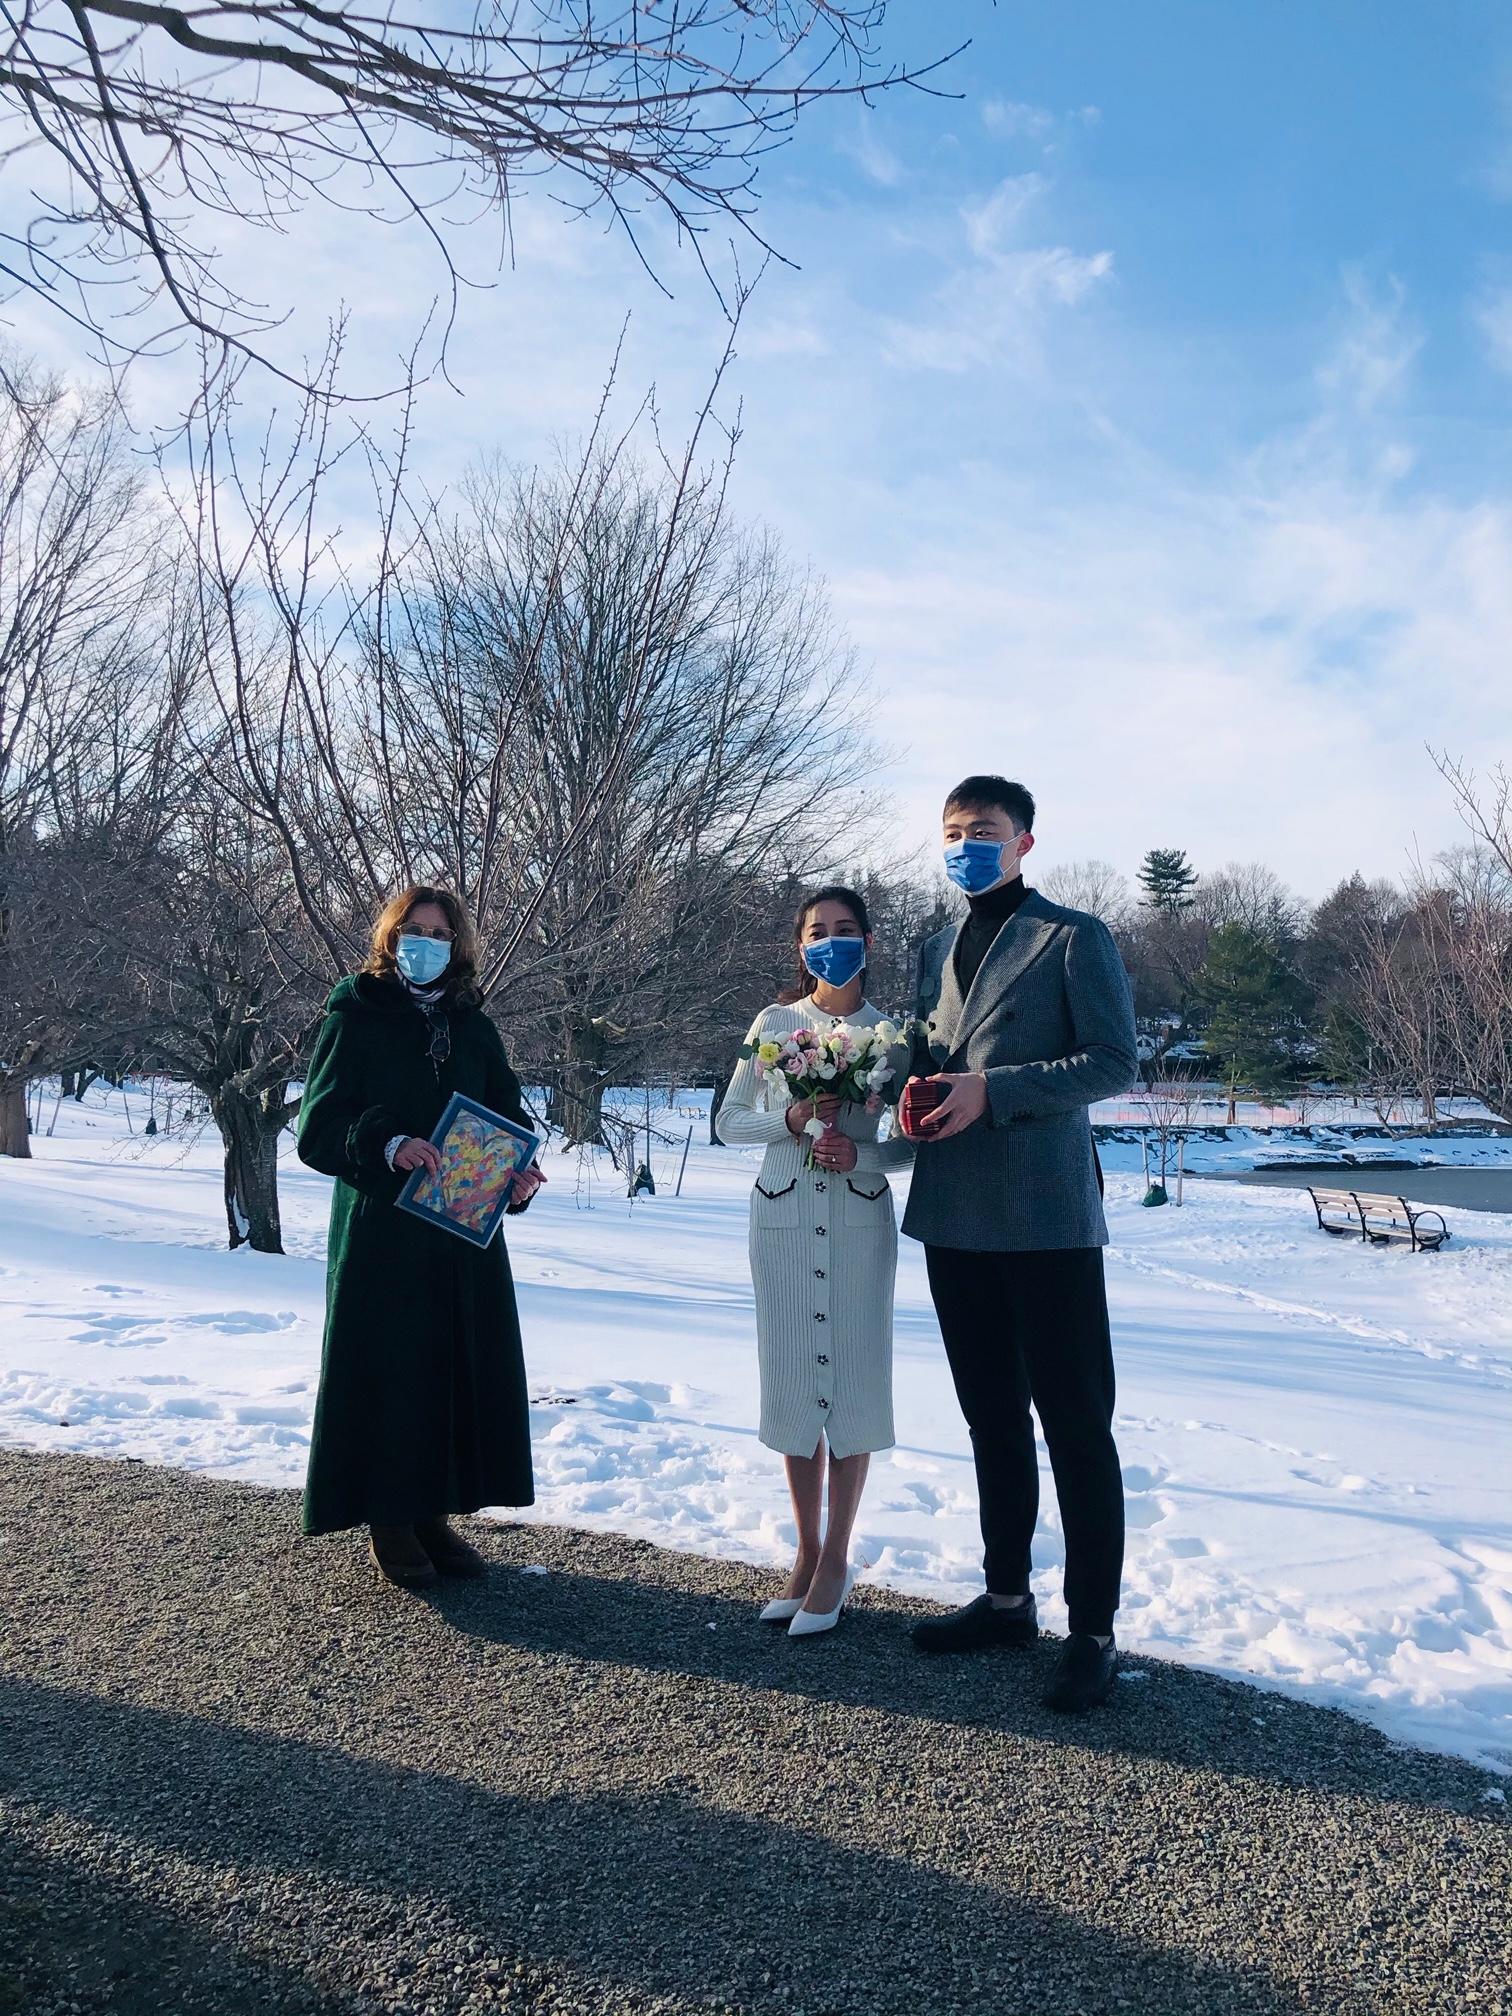 Brookeline Reservoir Wedding Ceremony